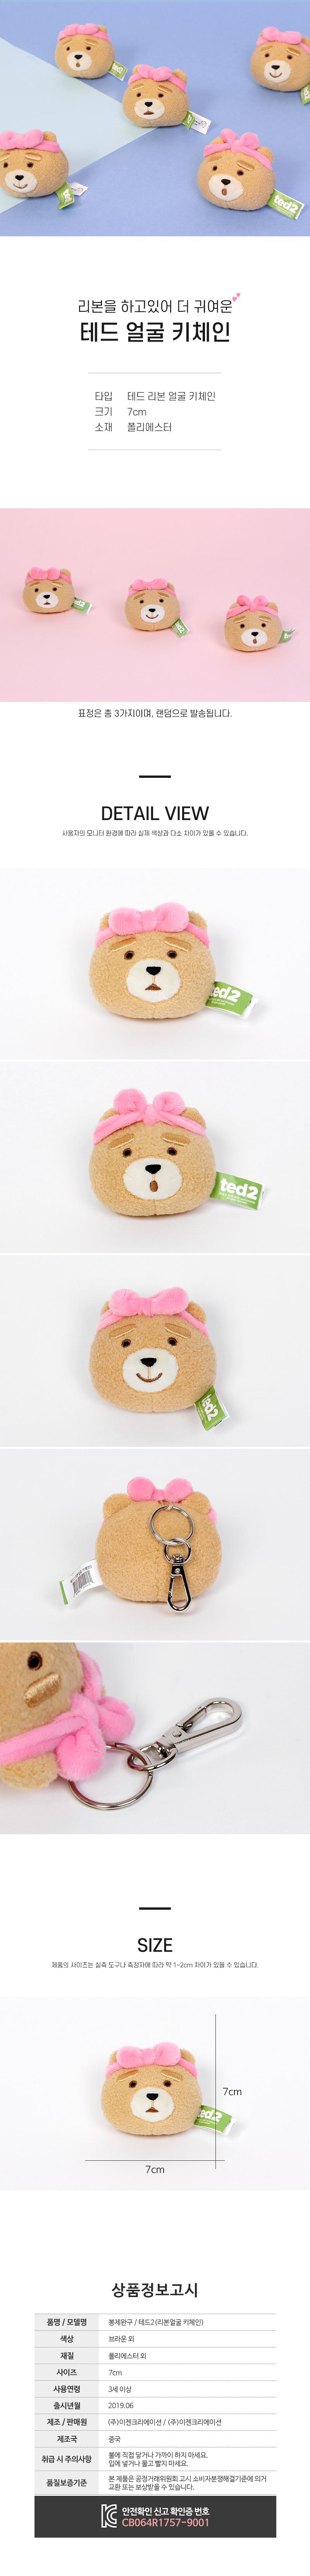 19곰테드 귀여운 리본을 한 테드 얼굴 키링 키체인 - 이젠돌스, 5,000원, 캐릭터인형, 기타 캐릭터 인형